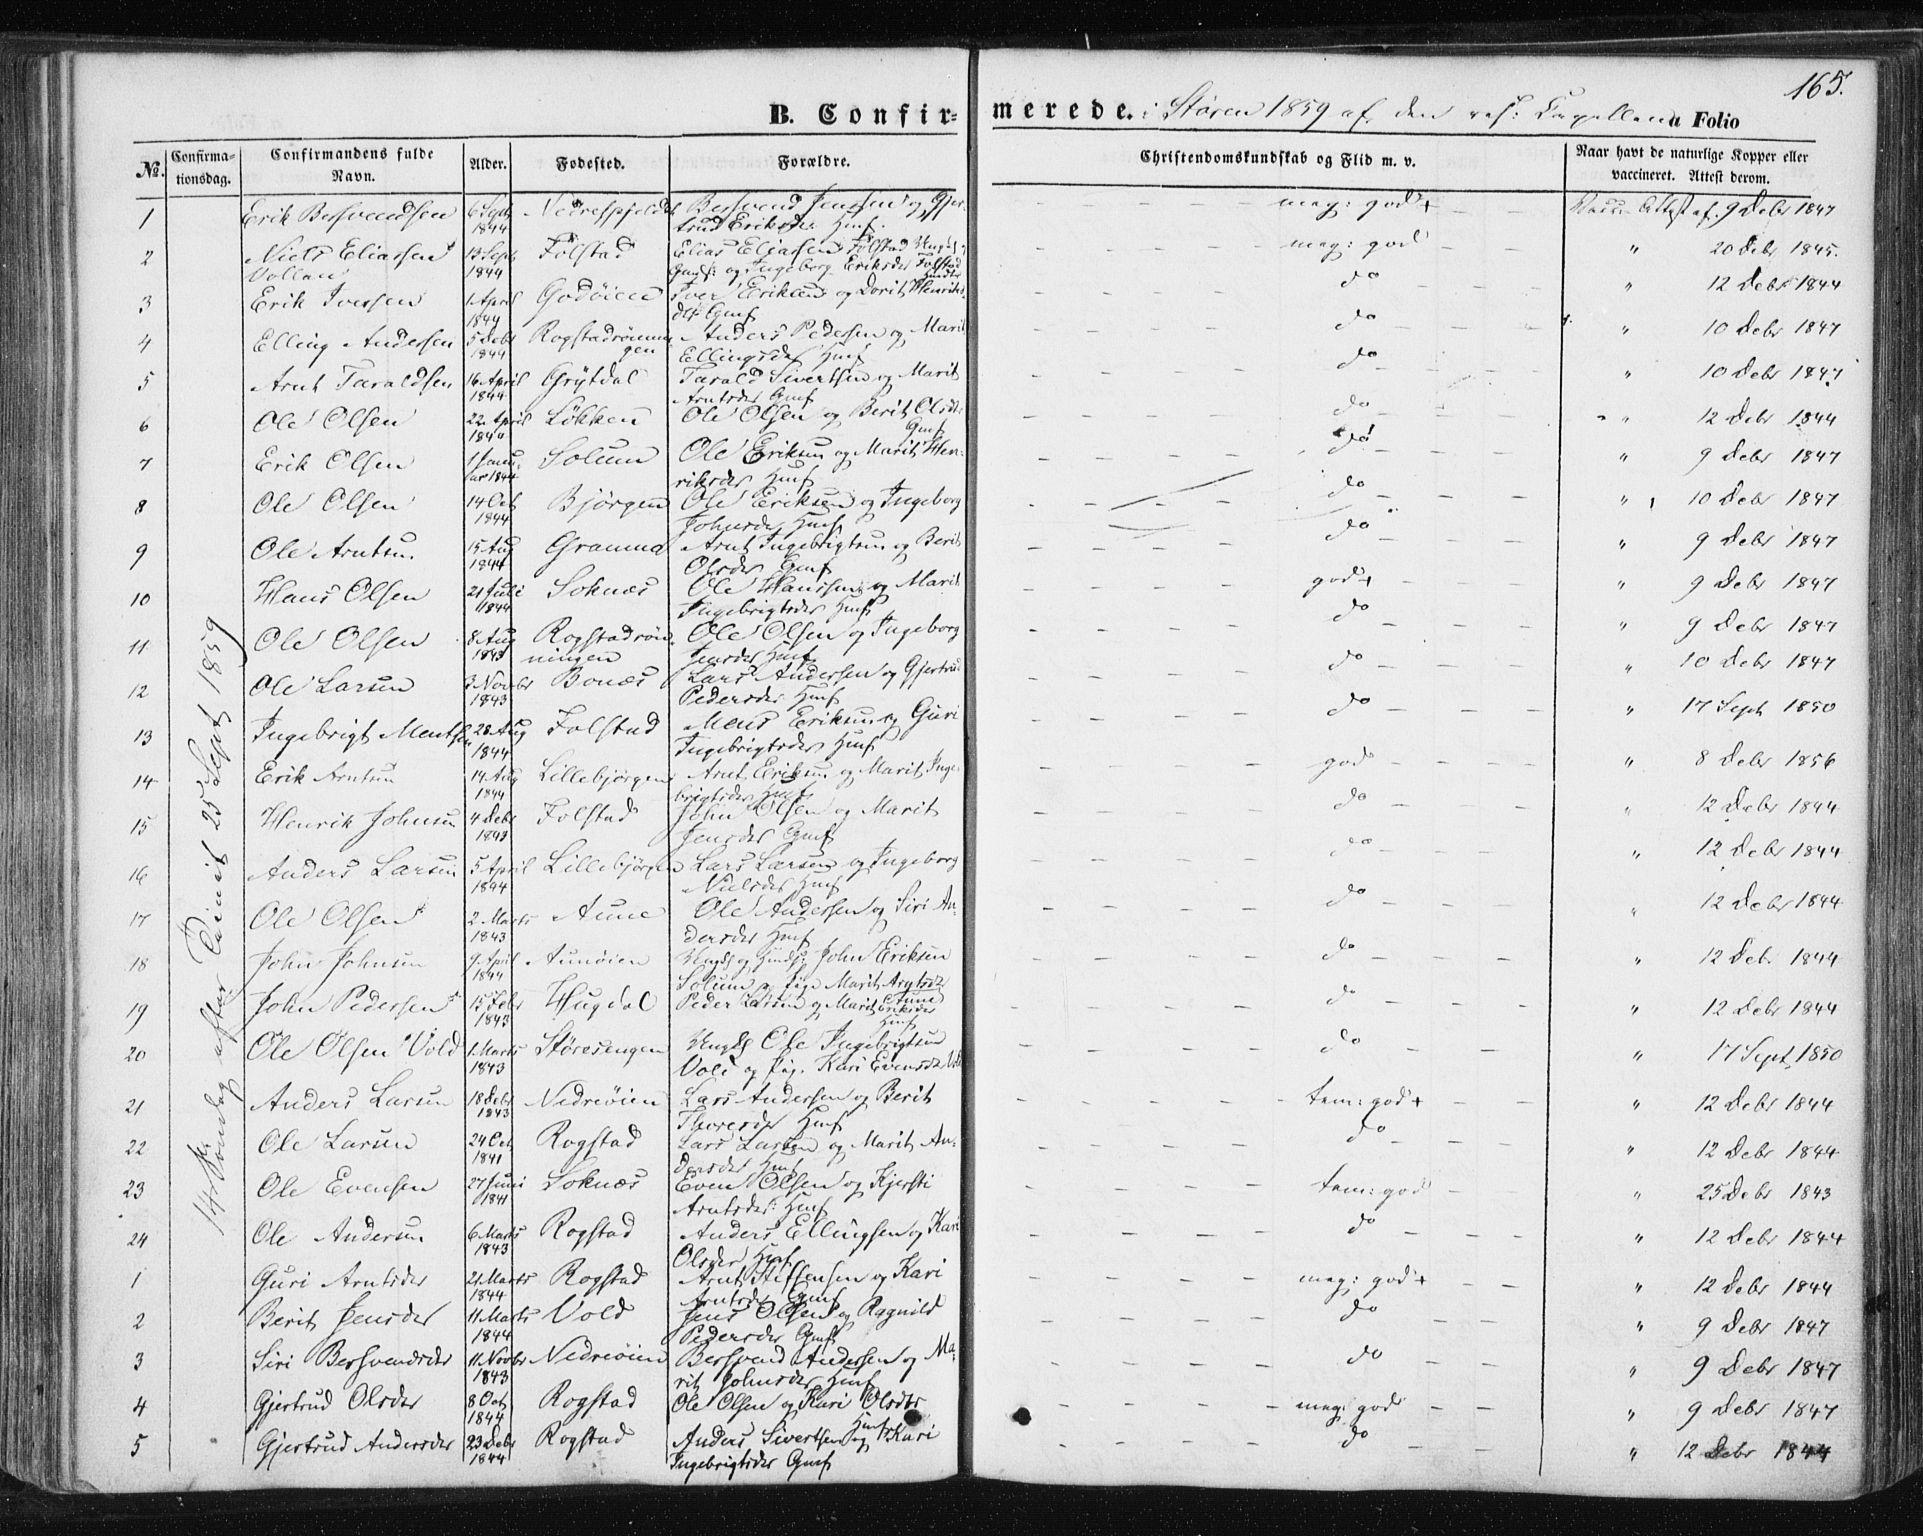 SAT, Ministerialprotokoller, klokkerbøker og fødselsregistre - Sør-Trøndelag, 687/L1000: Ministerialbok nr. 687A06, 1848-1869, s. 165